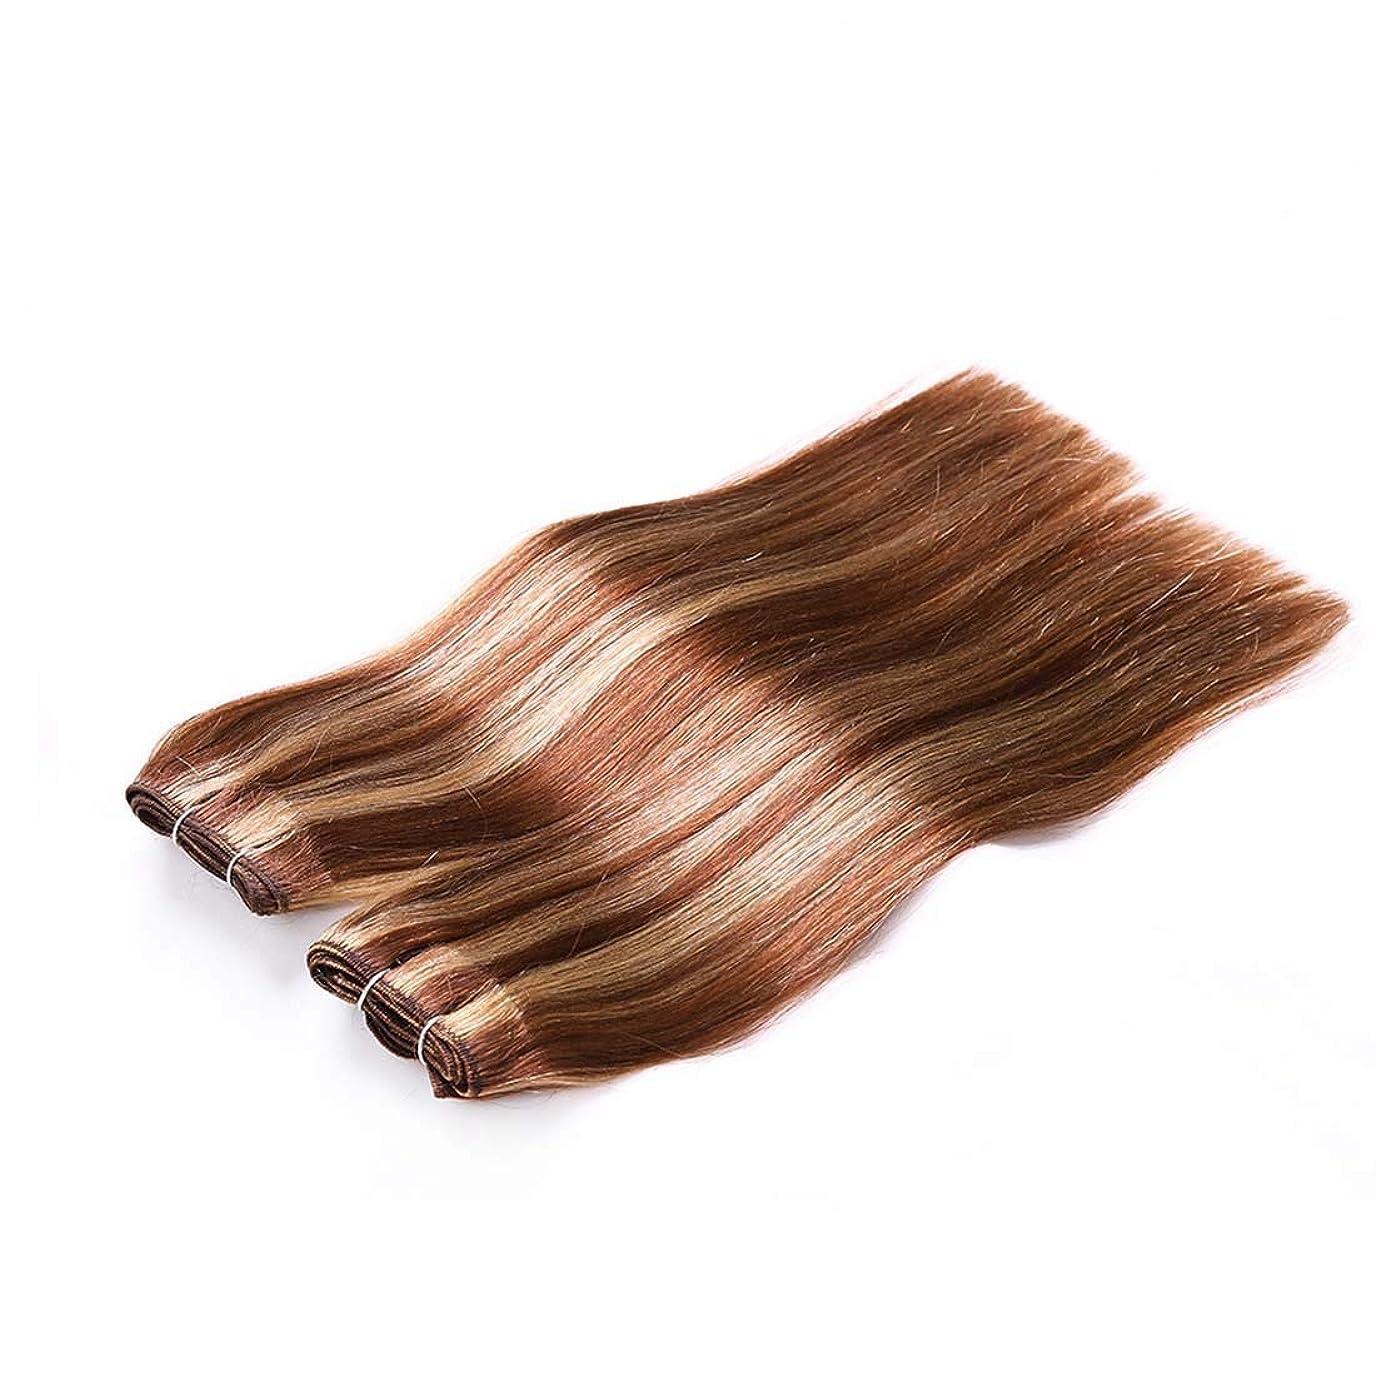 威する価格ヘリコプターJIANFU 髪カーテン レアルヘア ストレートヘア ミックスカラー ウィッグカーテン レディース ノットなし 染める可能 (サイズ : 16inch)